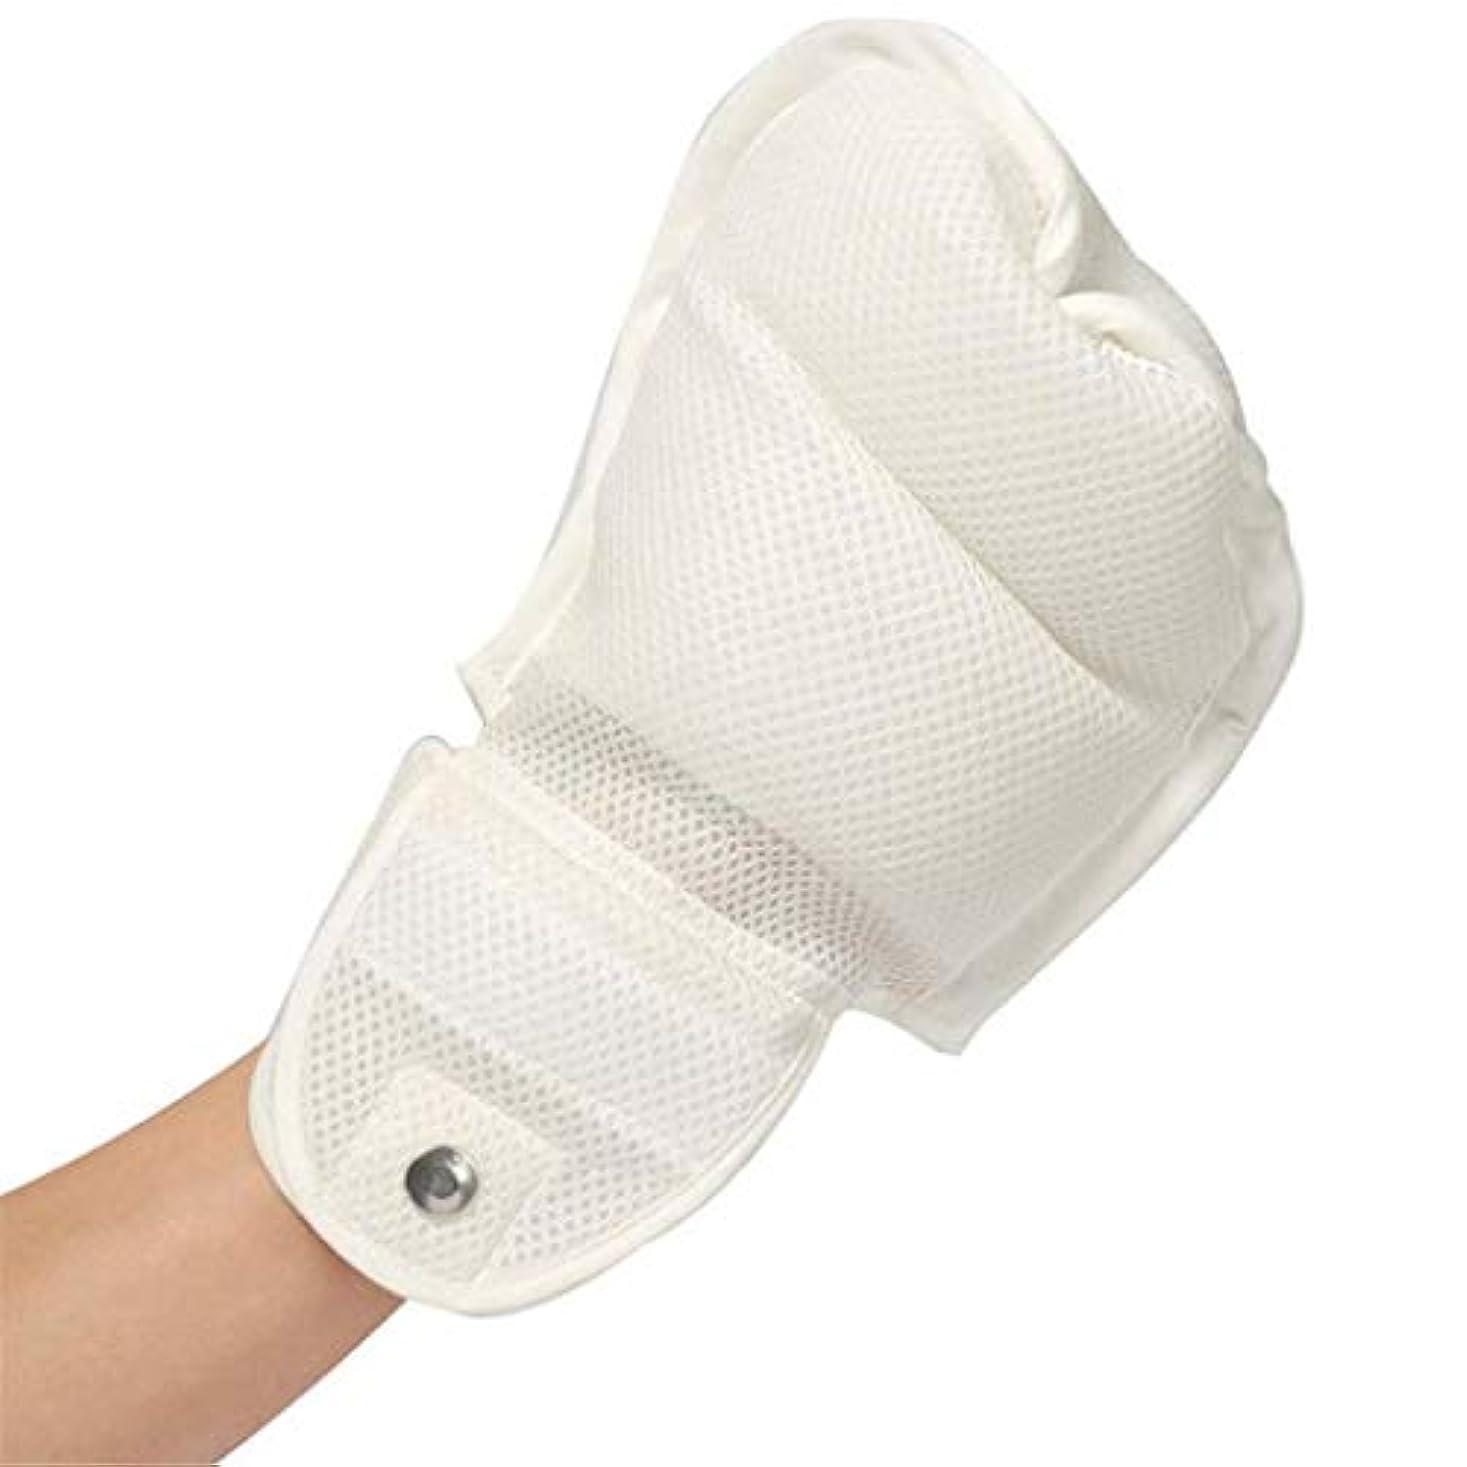 戦争気怠い憎しみフィンガーコントロールミット、認知症手袋安全手袋 - 患者用手感染プロテクター自己害を防ぐためのパッド入りミット